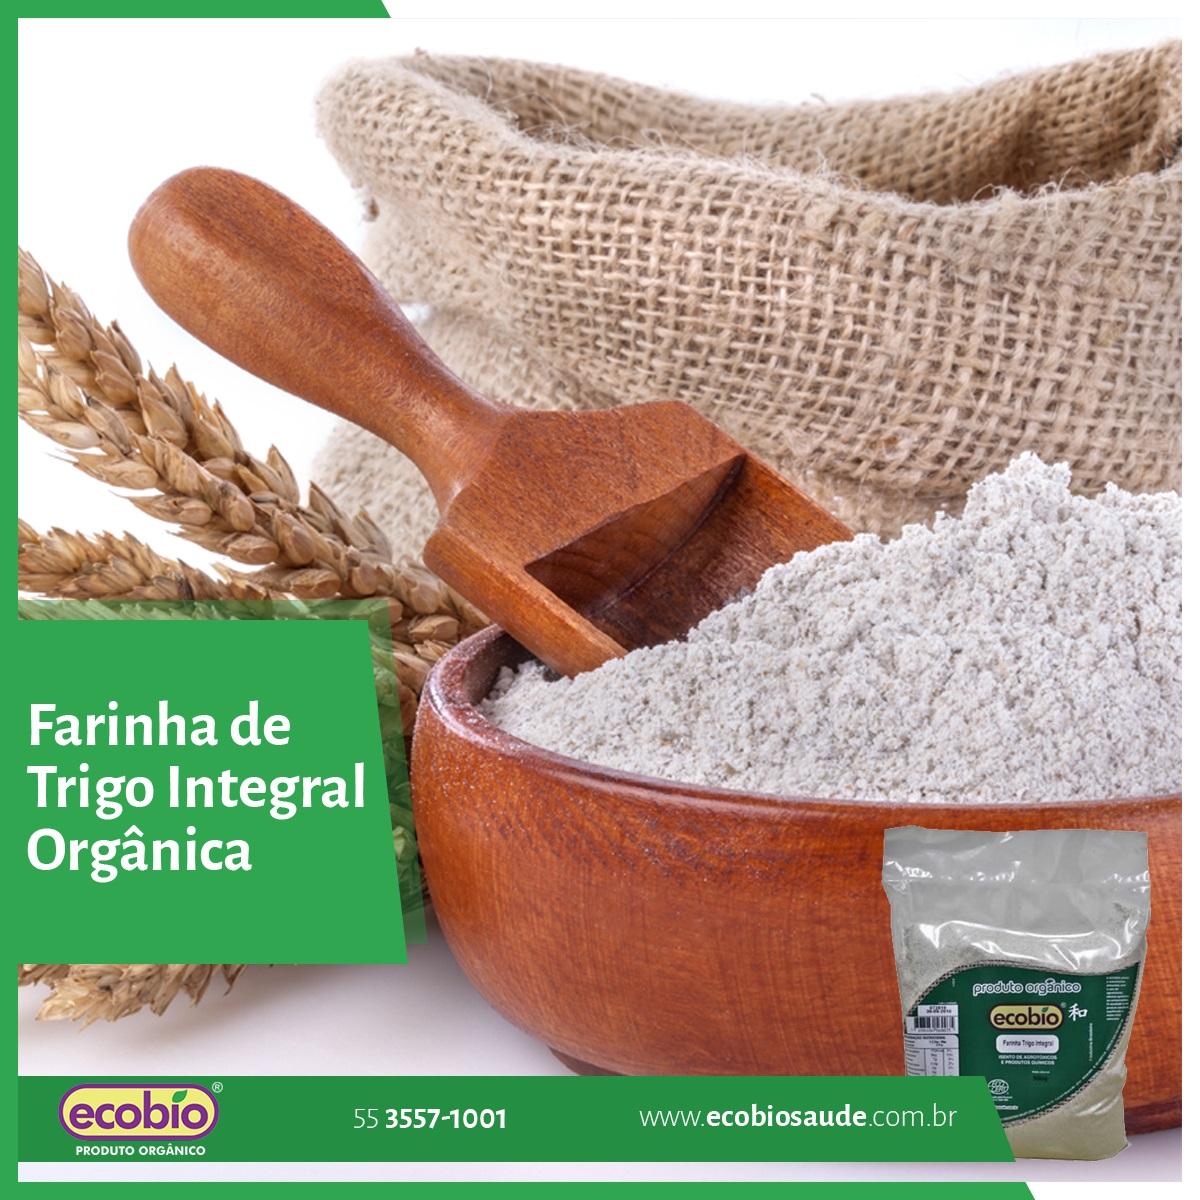 Farinha de Trigo Integral Orgânica